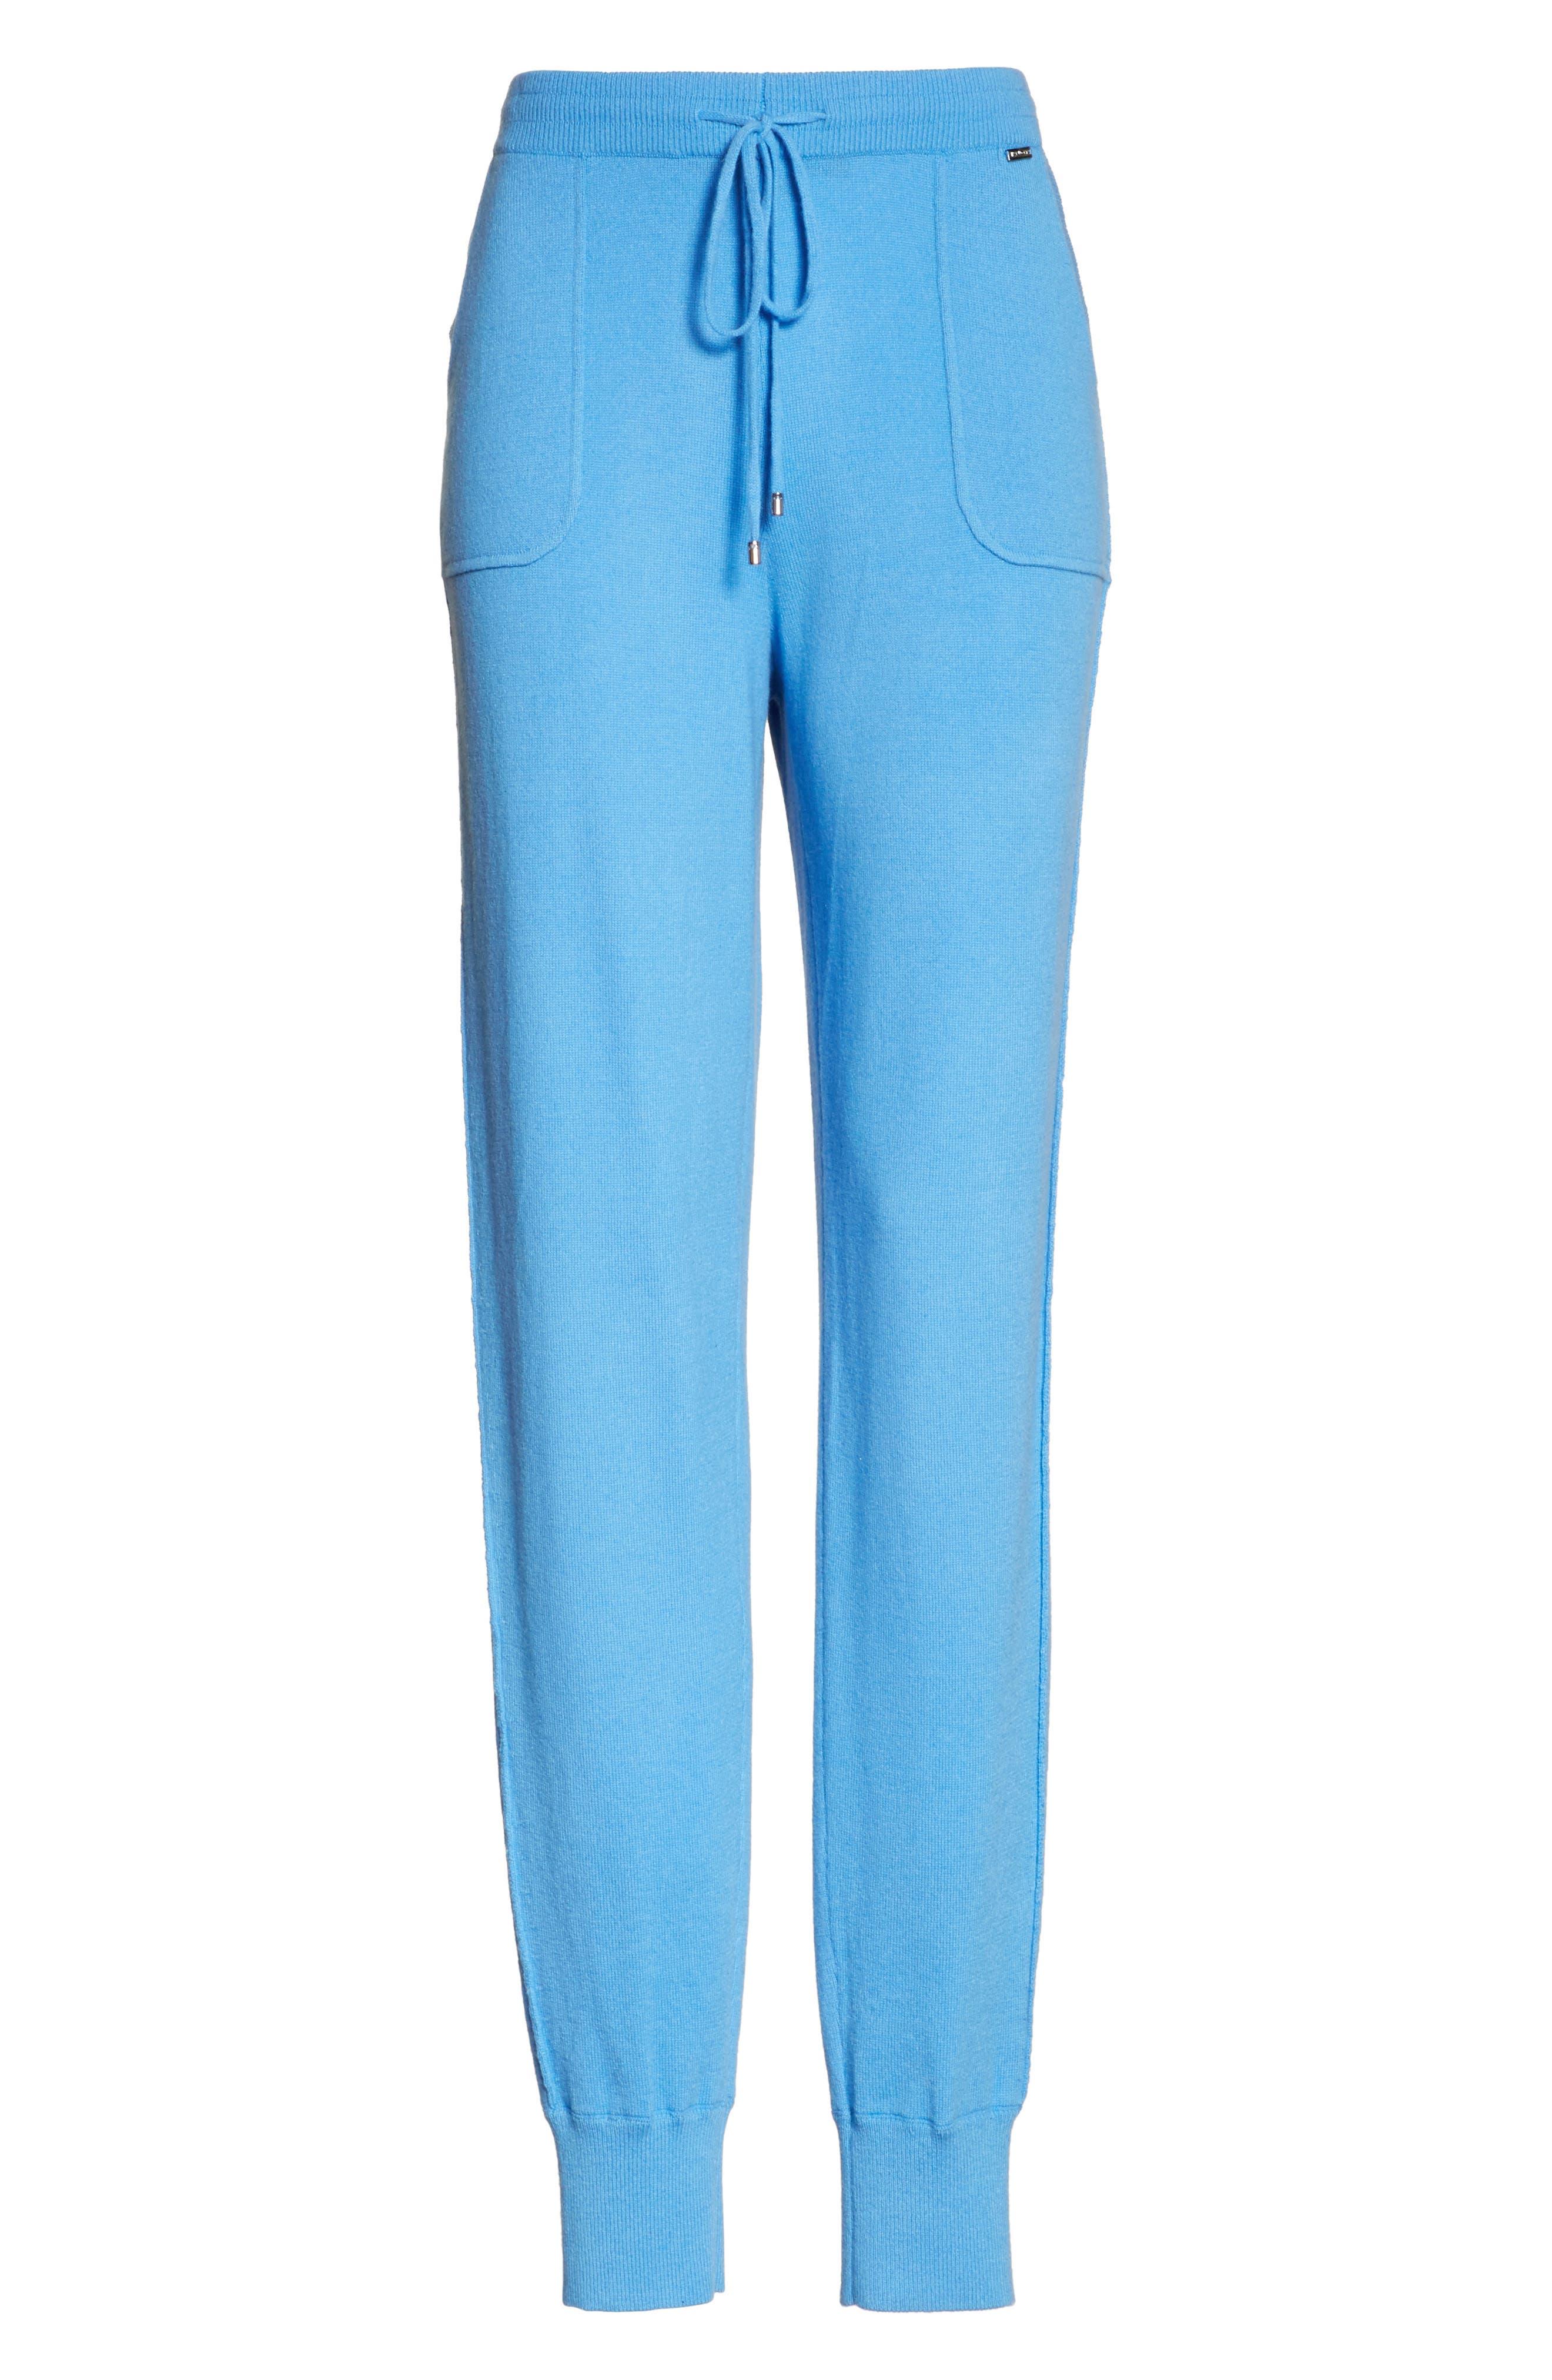 Cashmere Jersey Pants,                             Alternate thumbnail 6, color,                             420